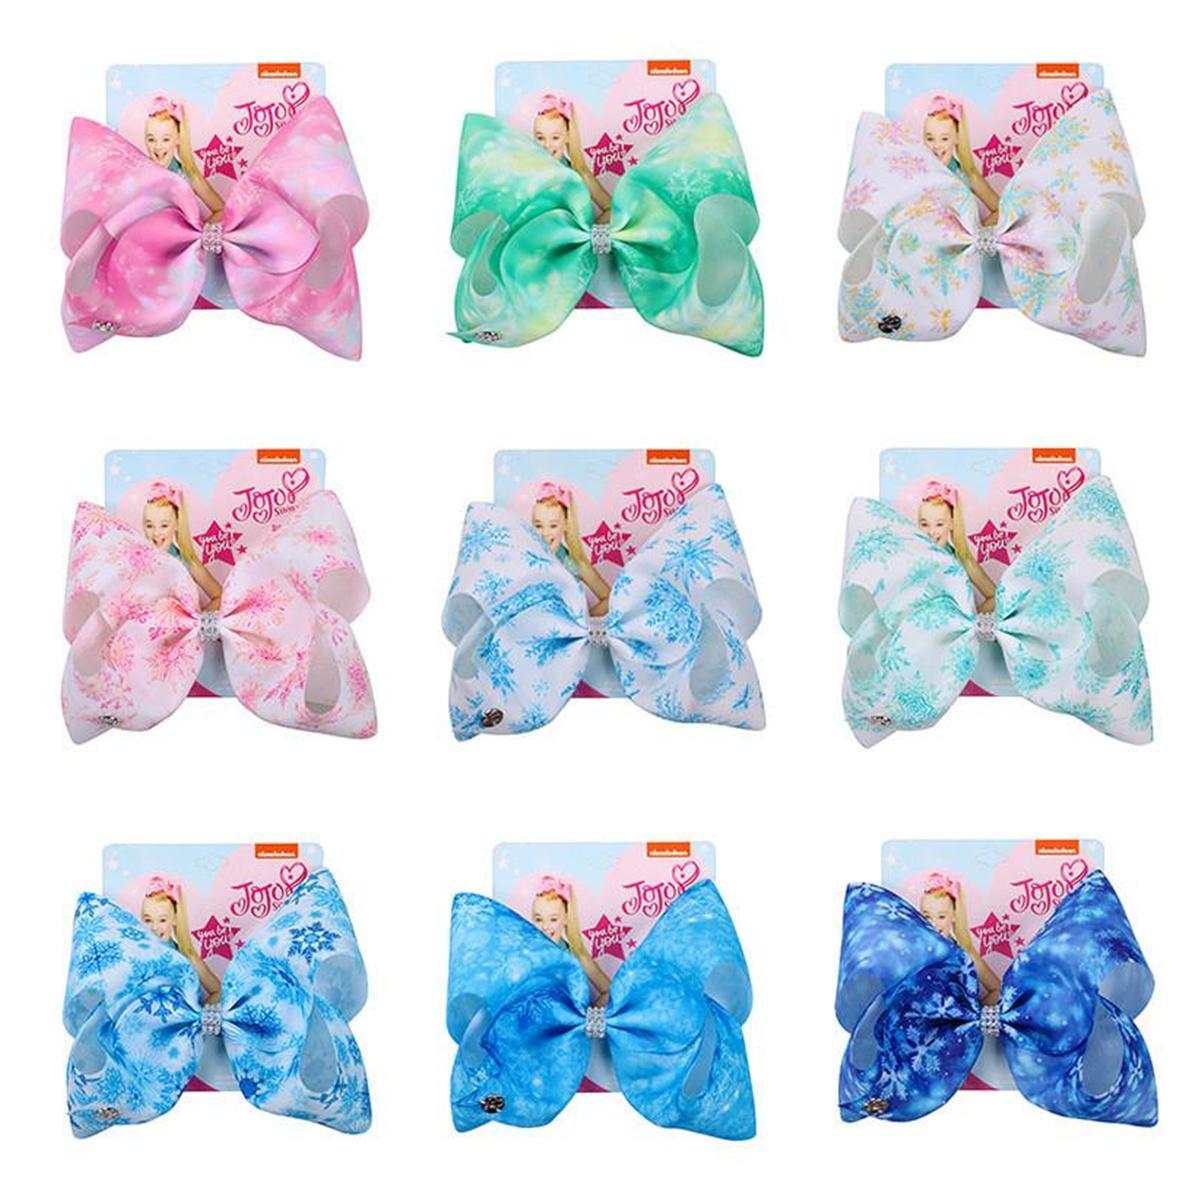 2020 Девушки Swia Bows Clip Clip Bows Снежинка Парикмахерские Барьерки Для Детских Прикосновение Прикосновение Принадлежности для волос С Картонным Новым Стиль